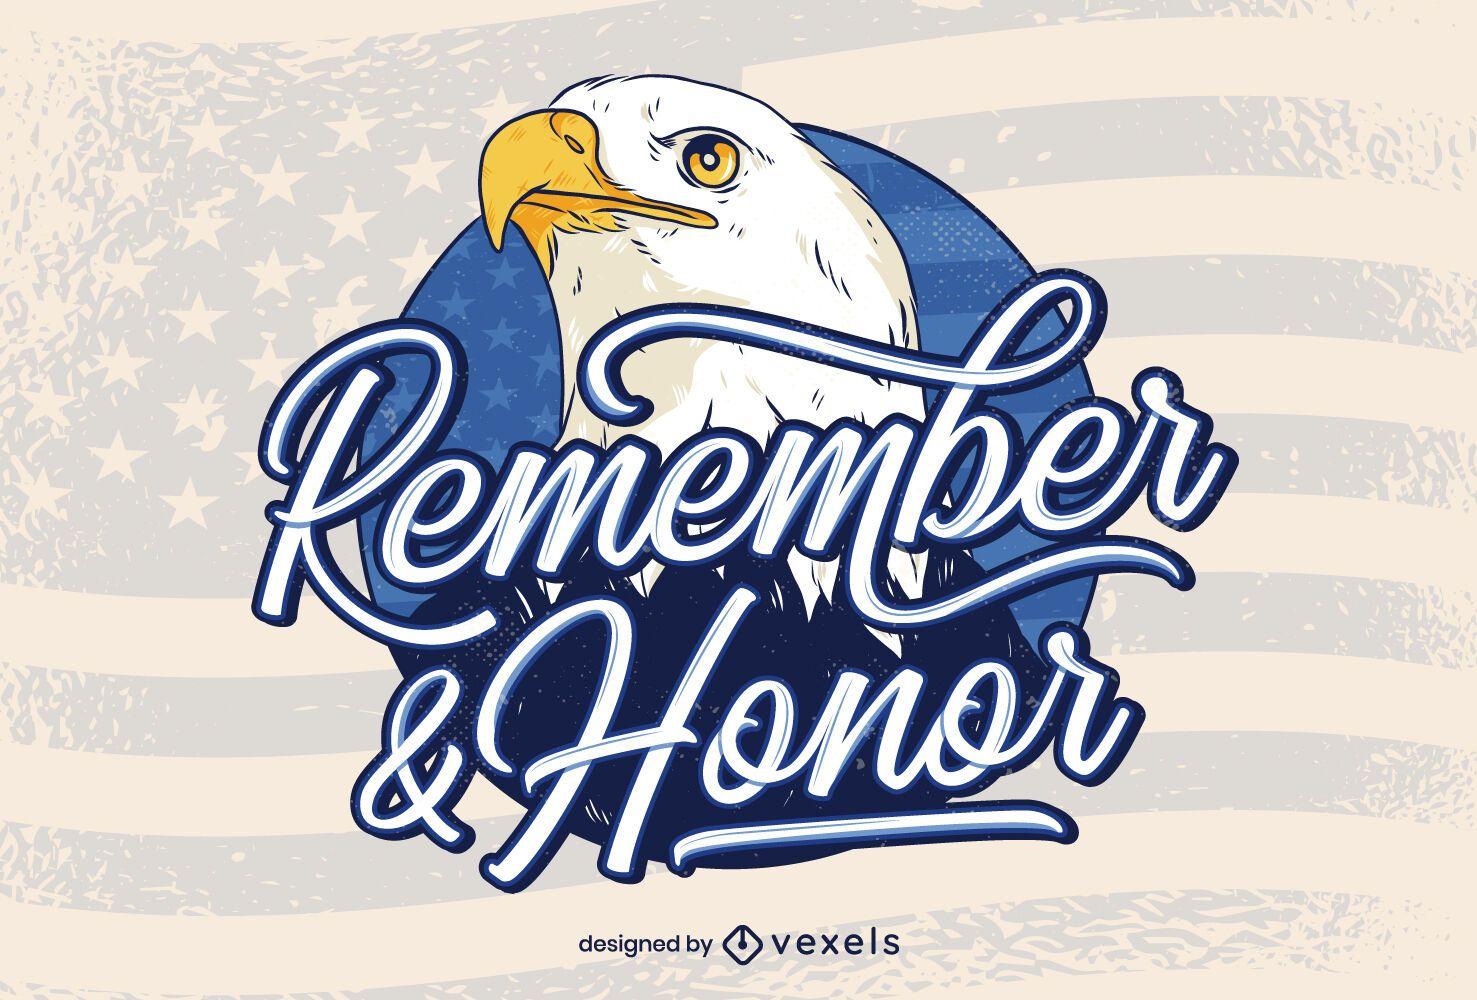 Remember & honor veterans day lettering